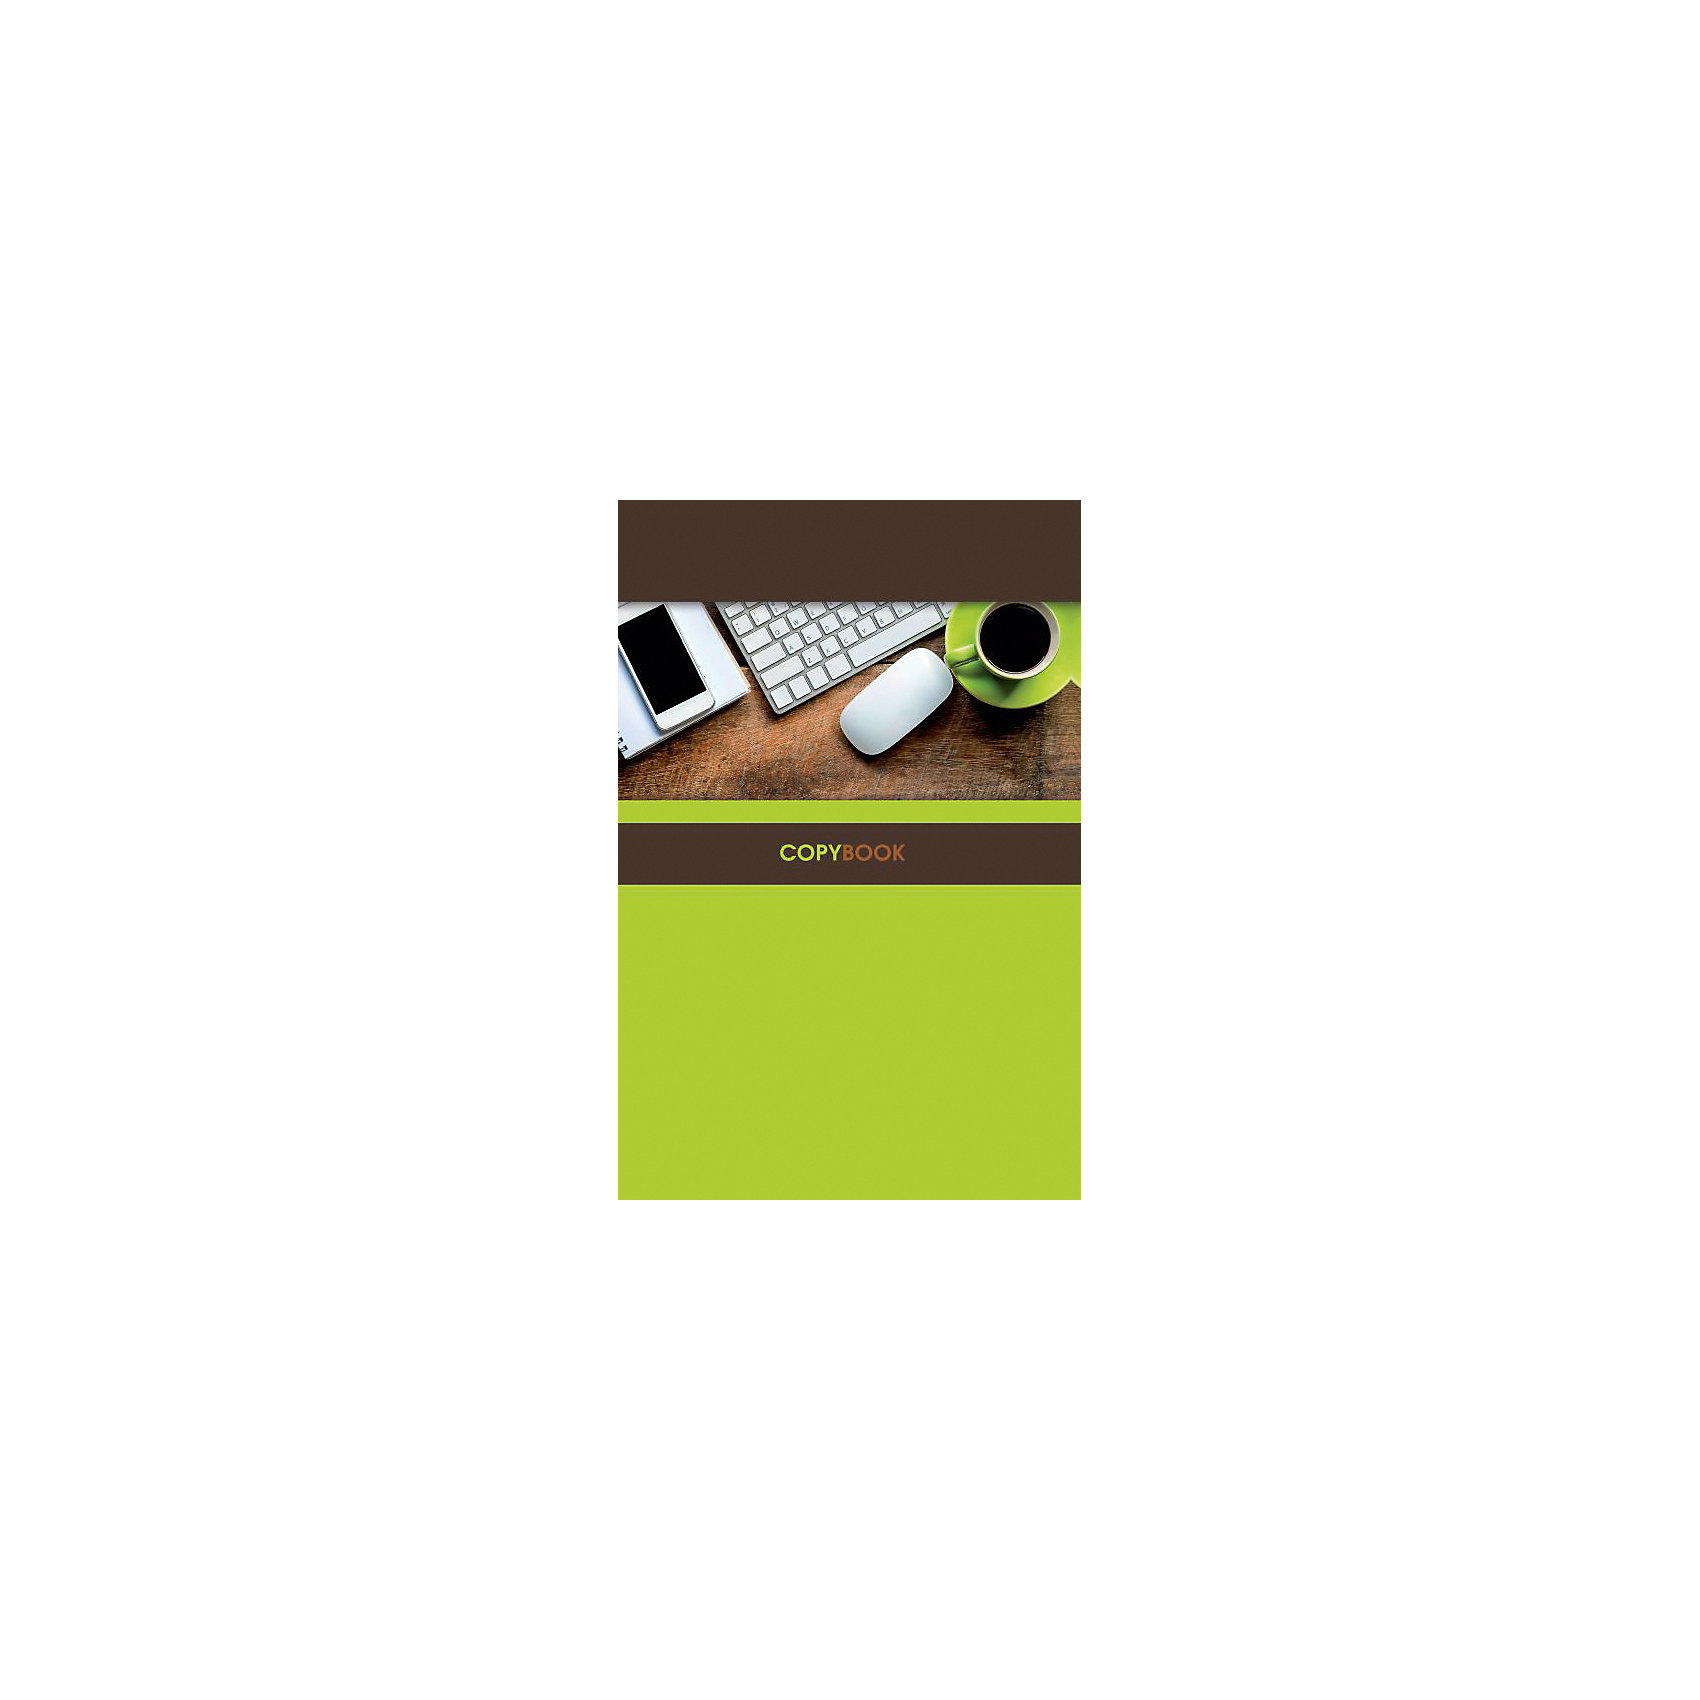 Тетрадь 96 листов Офисный стиль Феникс+,Бумажная продукция<br>Тетрадь 96 л. ОФИСНЫЙ СТИЛЬ /А4, переплет 7БЦ, 192 стр. Обложки полноцвет под глянц. пленкой, блок офсет в одну краску, клетка./<br><br>Ширина мм: 300<br>Глубина мм: 200<br>Высота мм: 10<br>Вес г: 530<br>Возраст от месяцев: 72<br>Возраст до месяцев: 2147483647<br>Пол: Унисекс<br>Возраст: Детский<br>SKU: 7046457